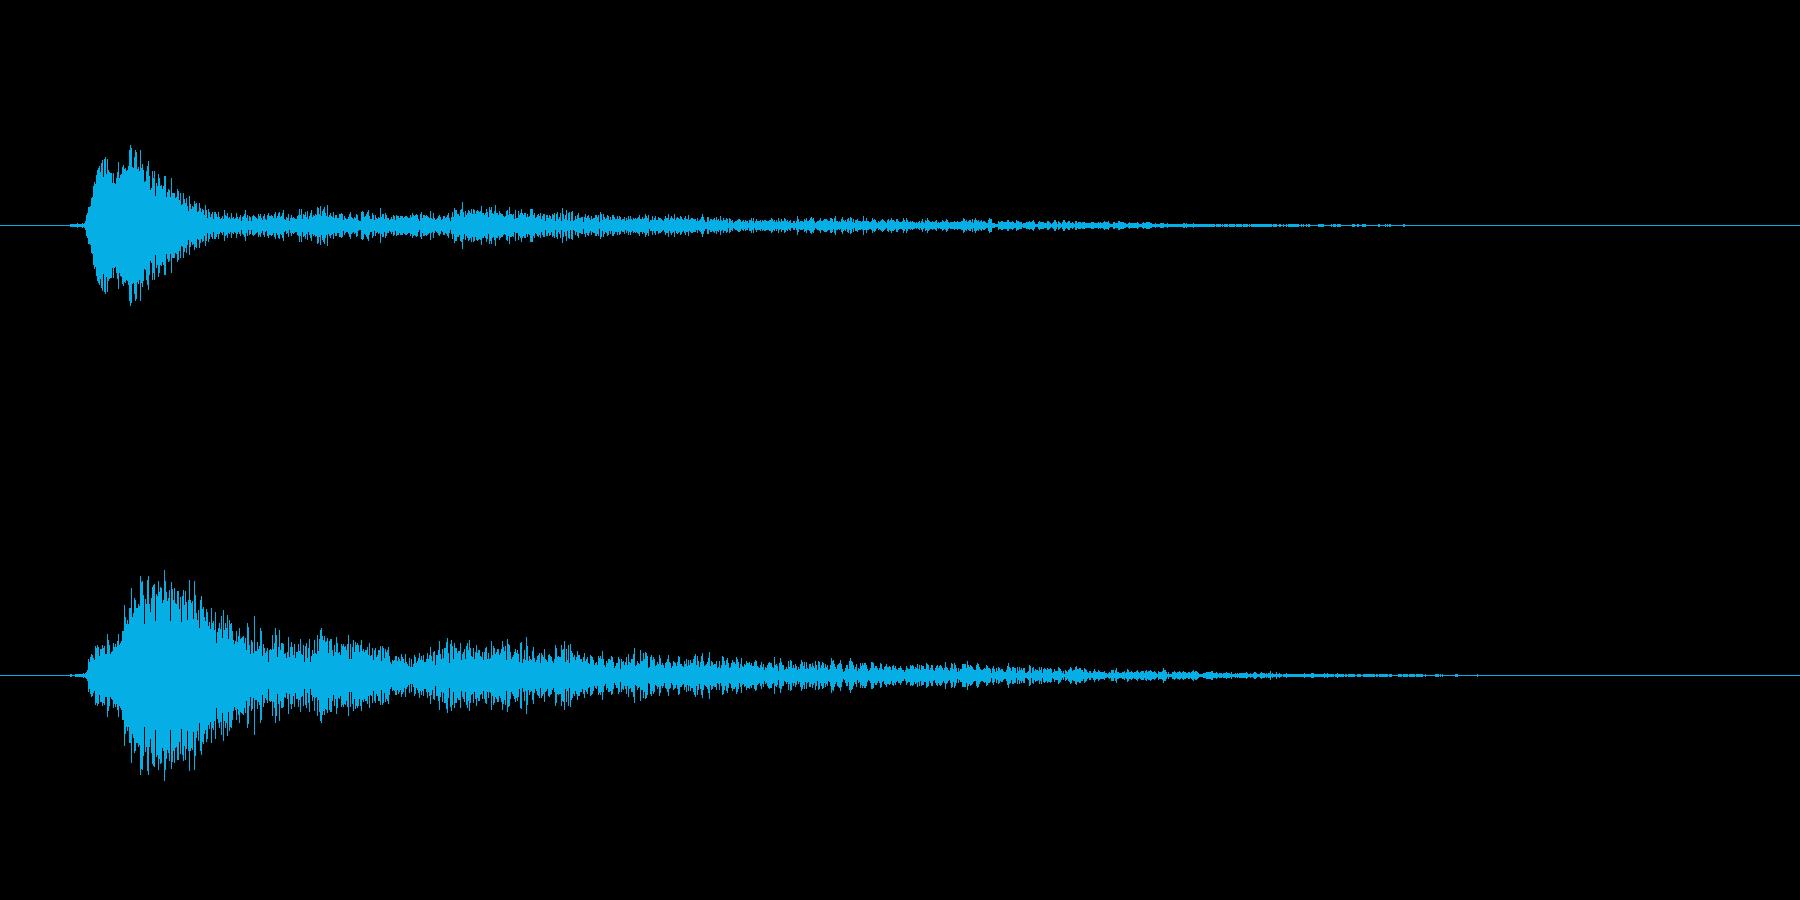 決定/クリック/選択音(和音/固めの音)の再生済みの波形